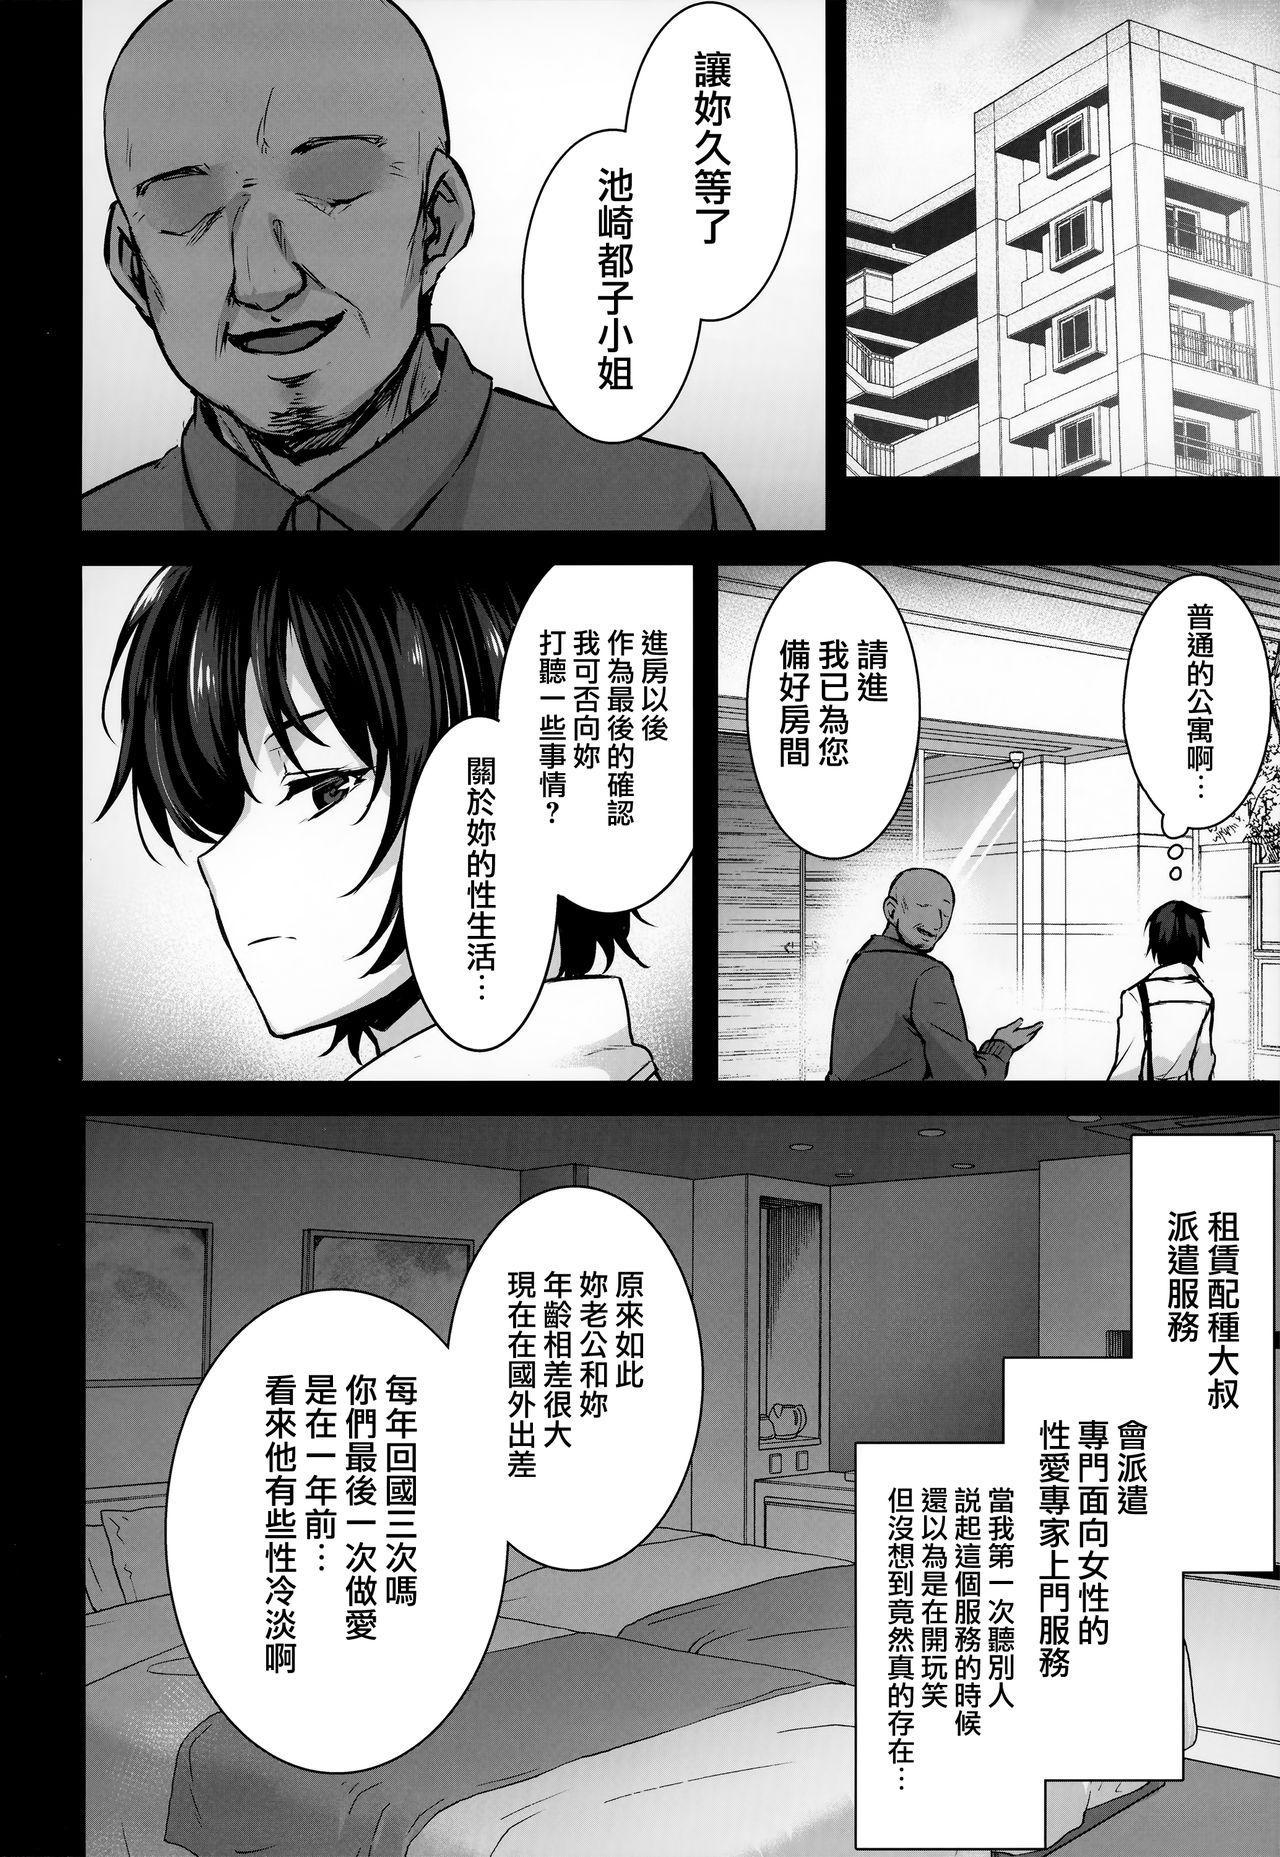 (C95) [Himeya (Abe Inori)] Rental Tanetsuke Oji-san 3 ~Aru Hitozuma no Tanetsuke Oji-san 24-jikan Sex Taikenki~  [Chinese] [無邪気漢化組] 4